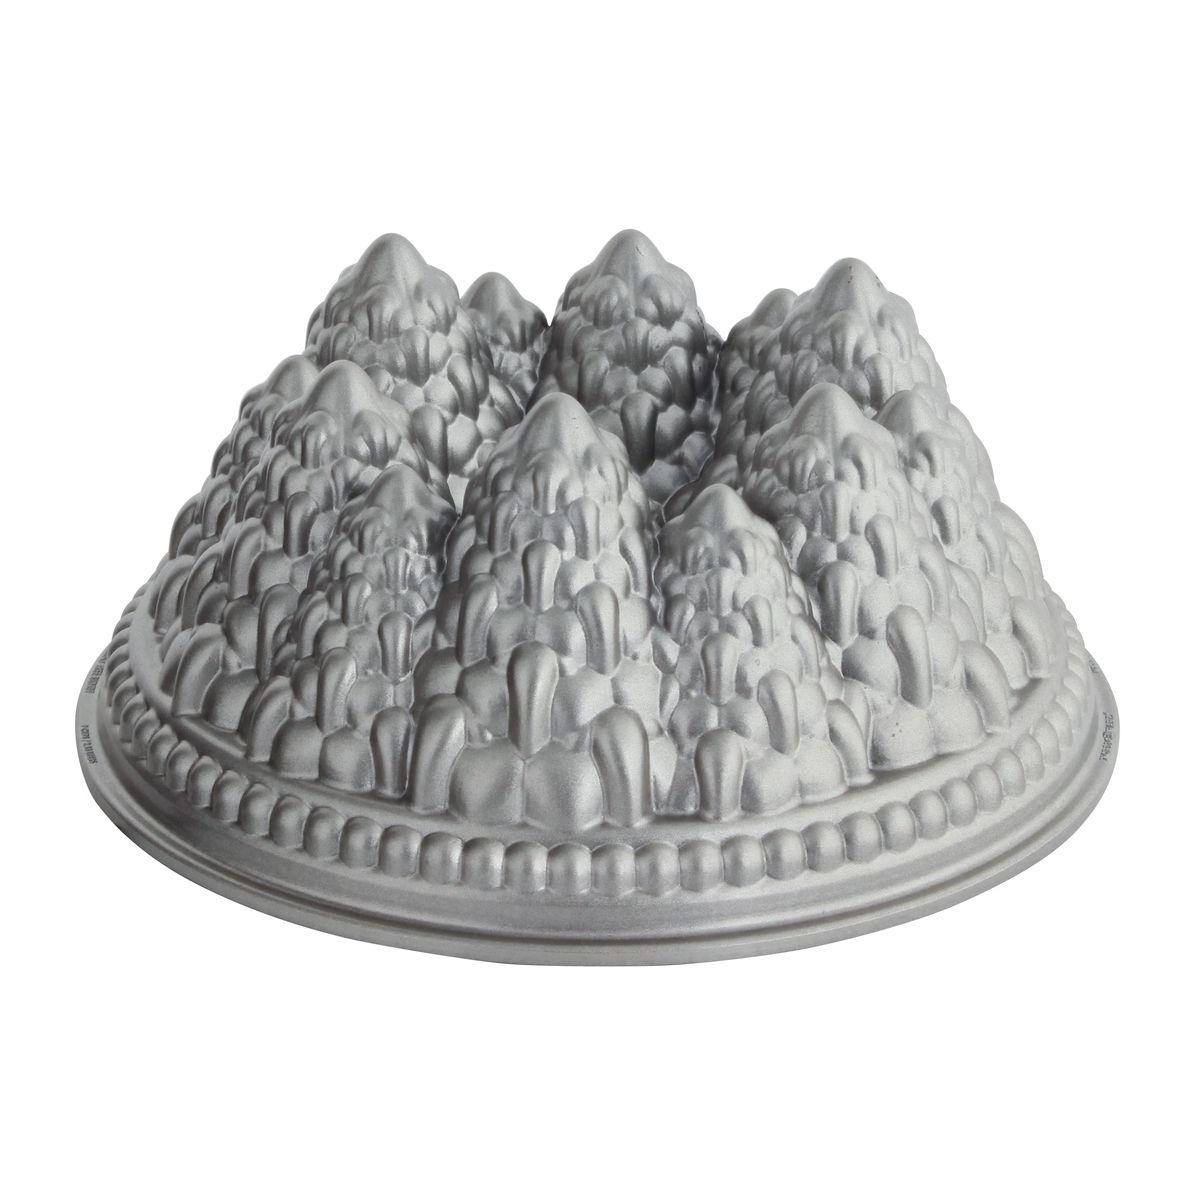 Moule forêt de sapins enneigés en fonte d´aluminium 25 cm - Nordic Ware